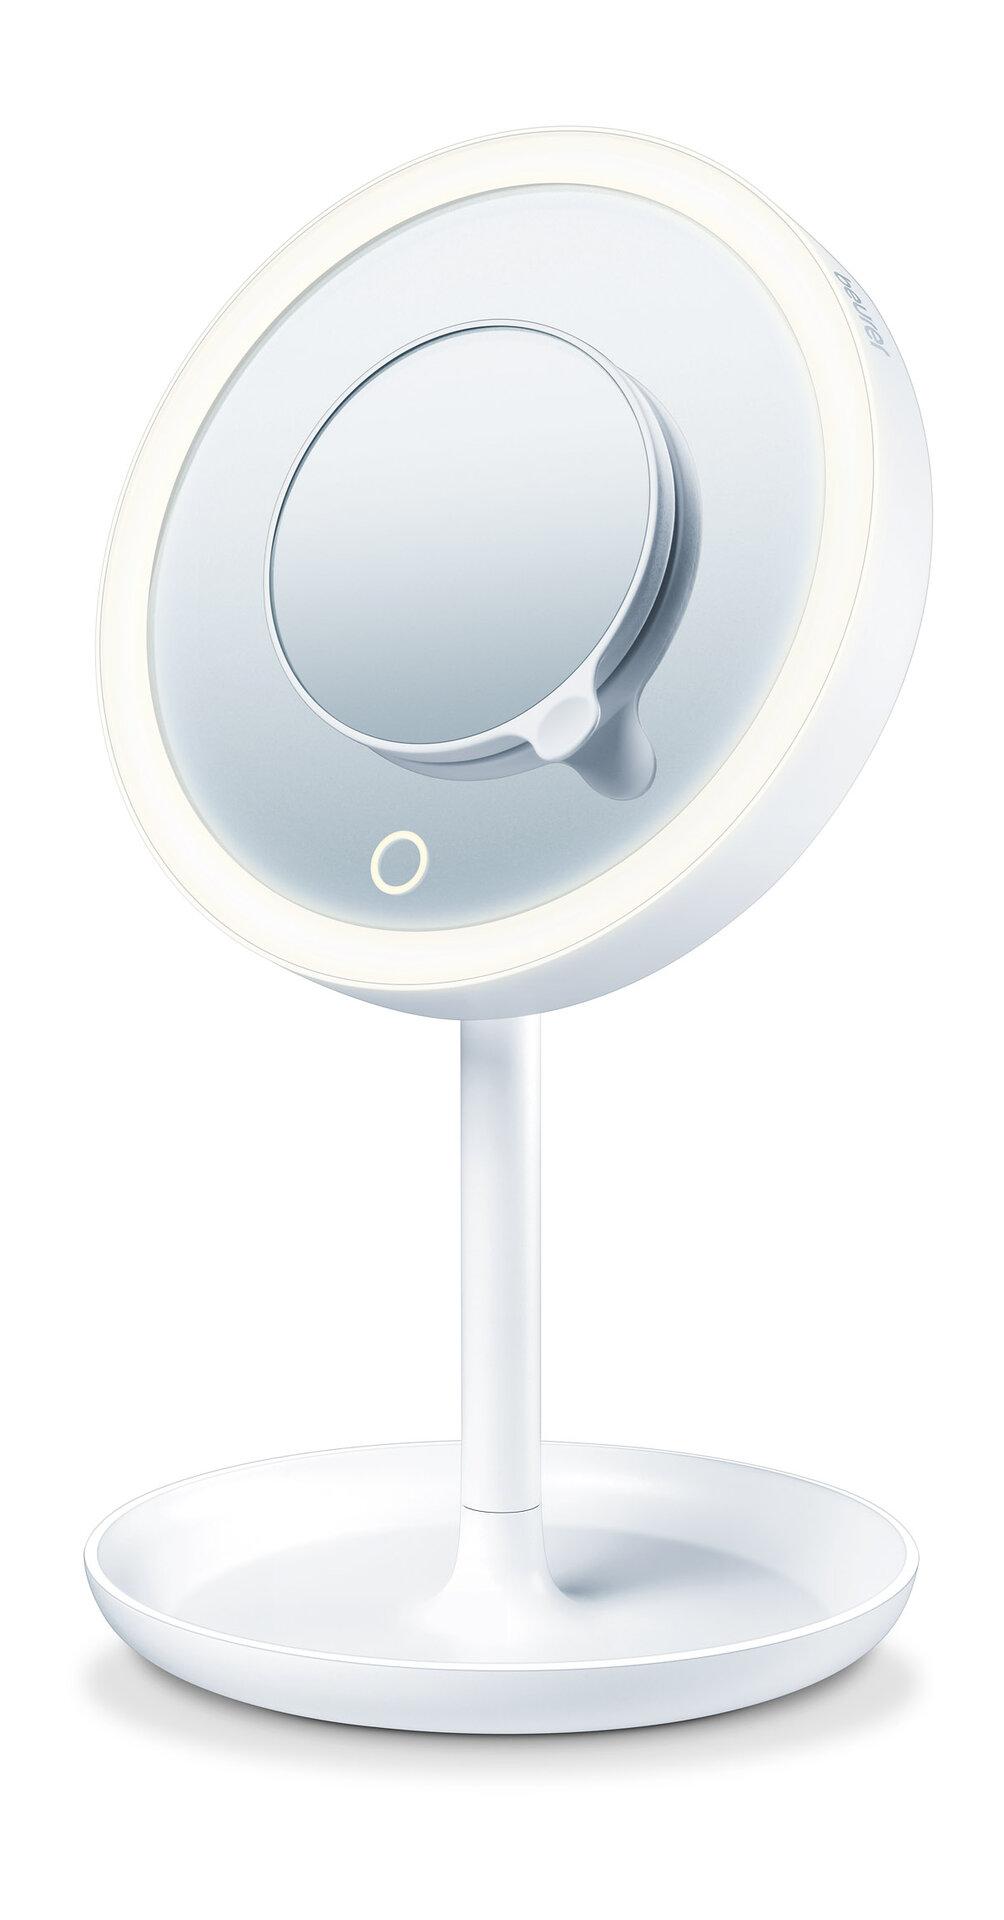 Козметично огледало Beurer (BS 45) - ofisitebg.com